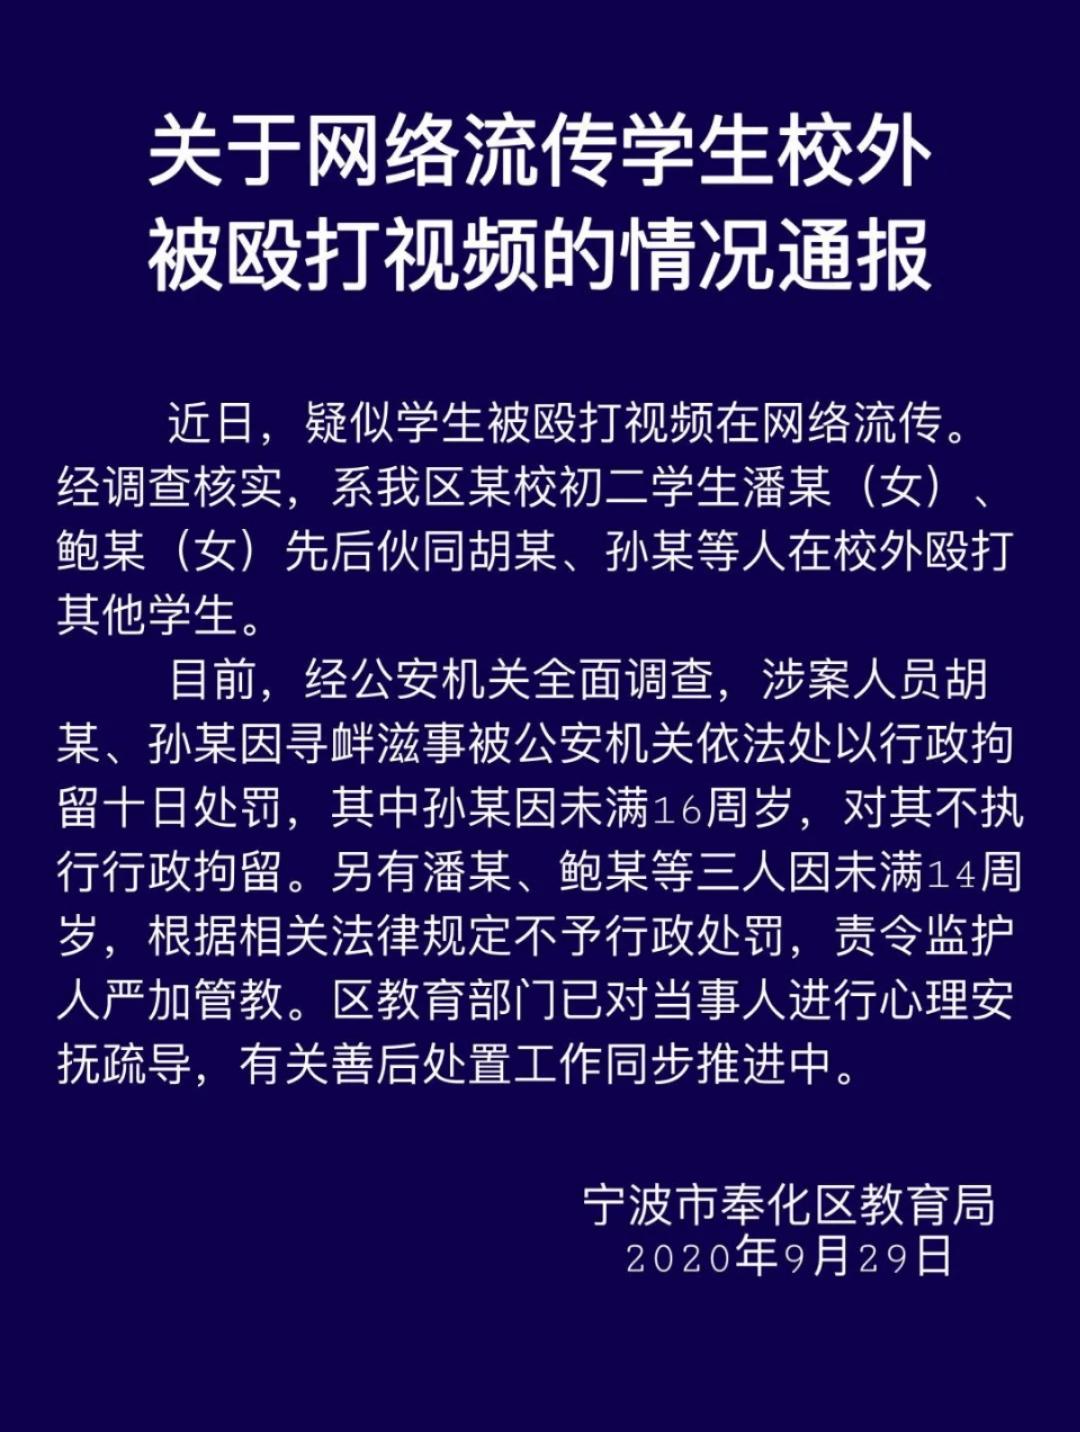 【国产亚洲香蕉精彩视频排名优化课程】_浙江宁波通报学生被打事件:两名初二女生伙同多人在校外殴打